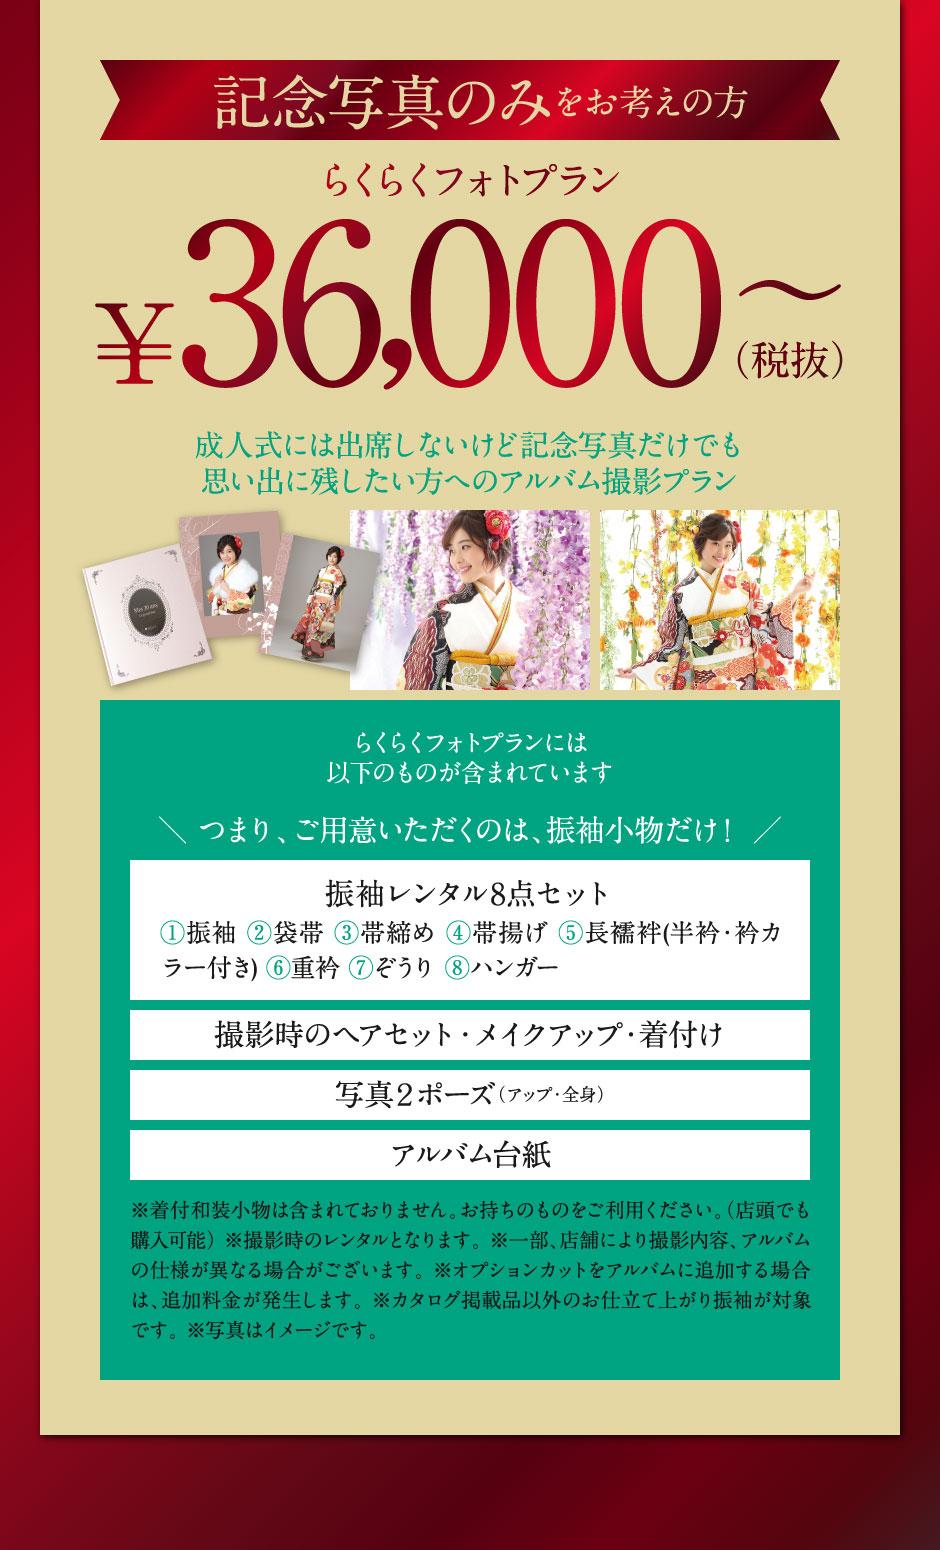 前撮り,記念写真のみ¥36,000税抜